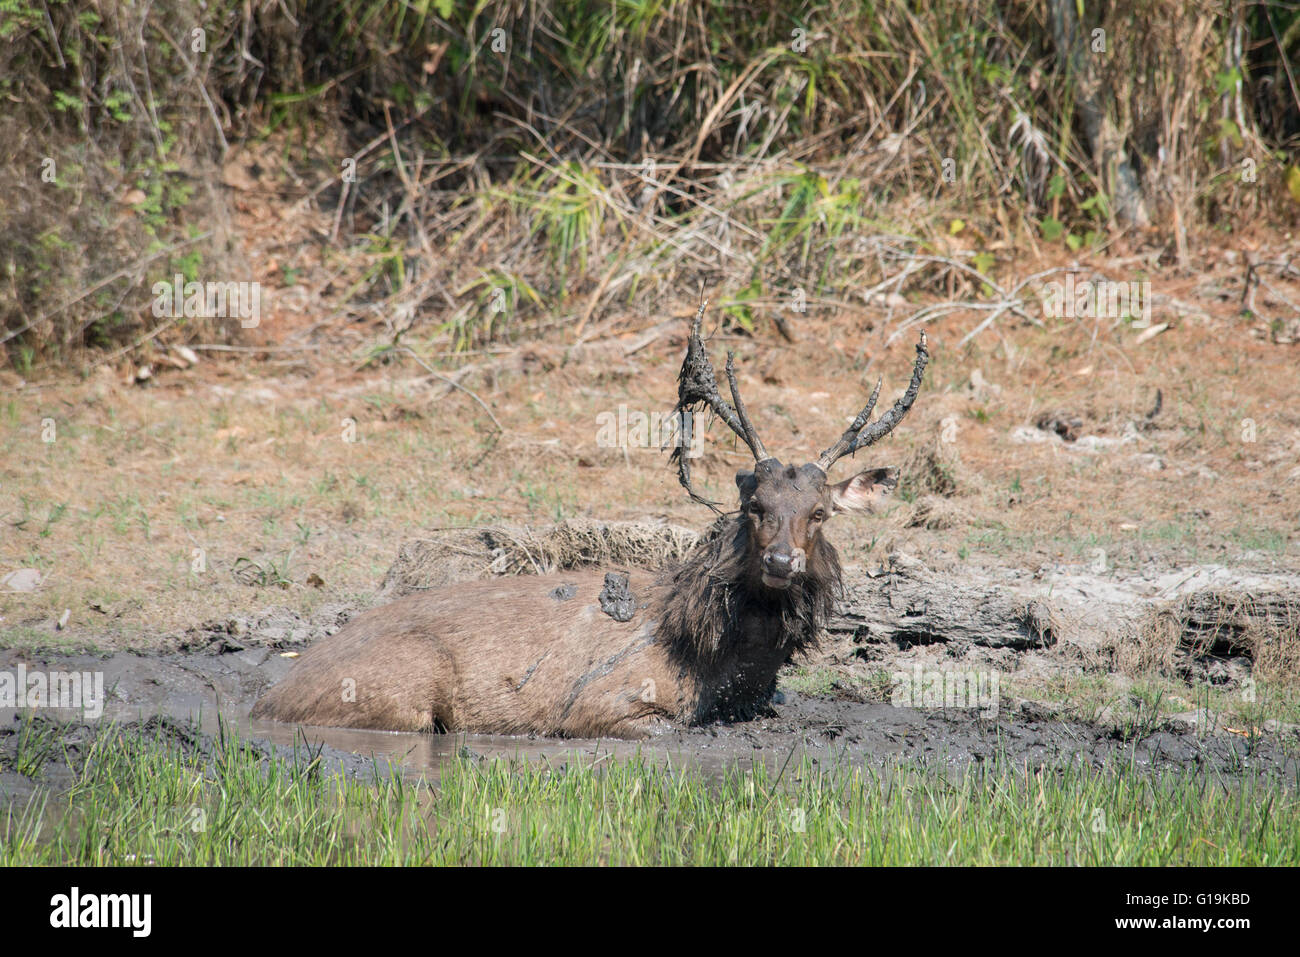 Il sambar (Rusa unicolor) è un grande cervo nativo per il subcontinente indiano, Cina del Sud e del sud-est Immagini Stock